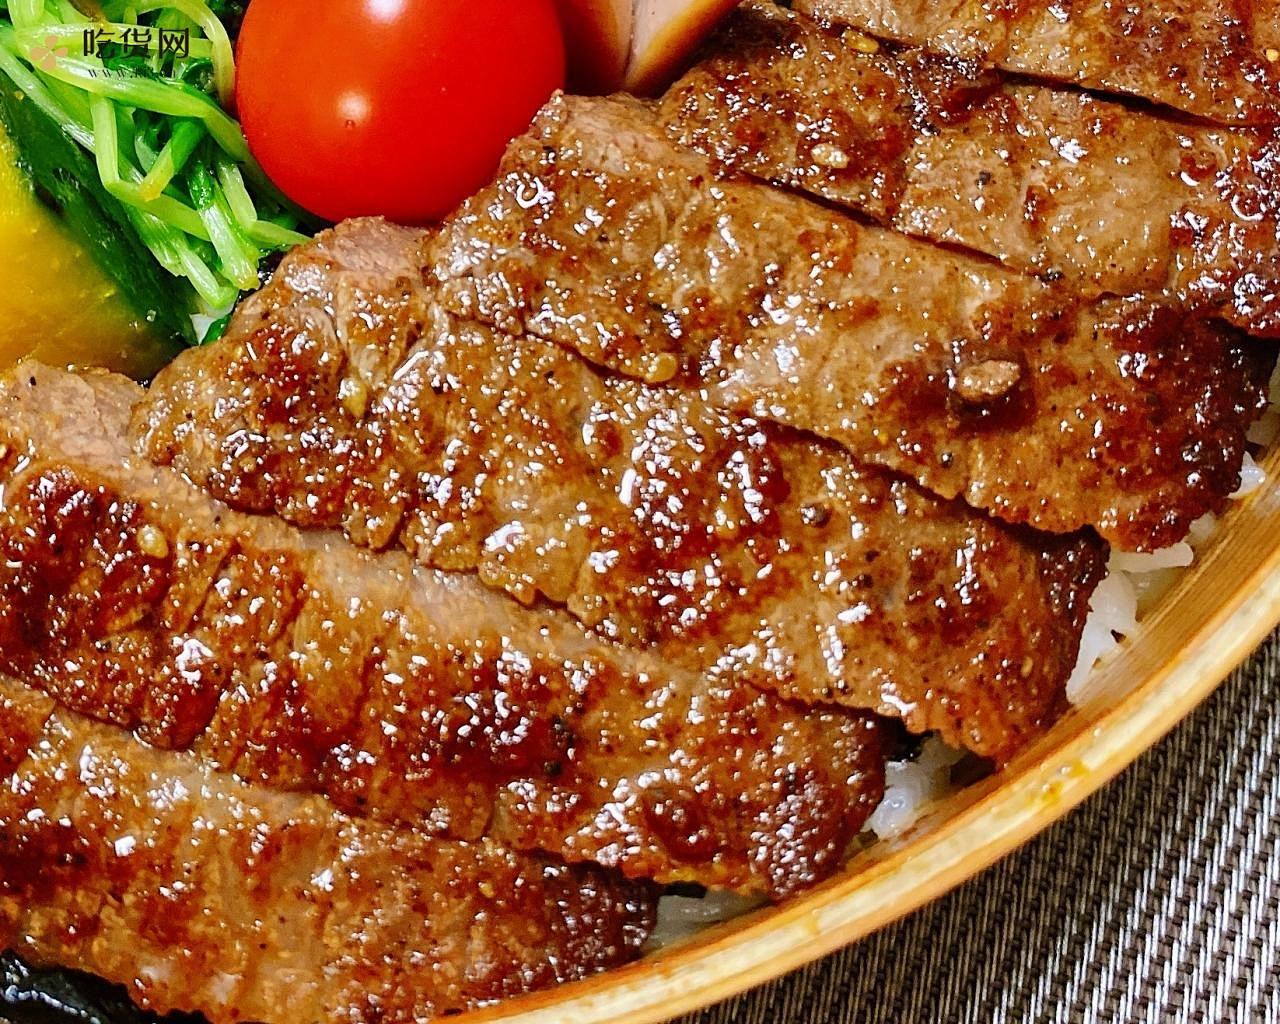 高中生的午餐便当-牛排飯的做法 步骤1